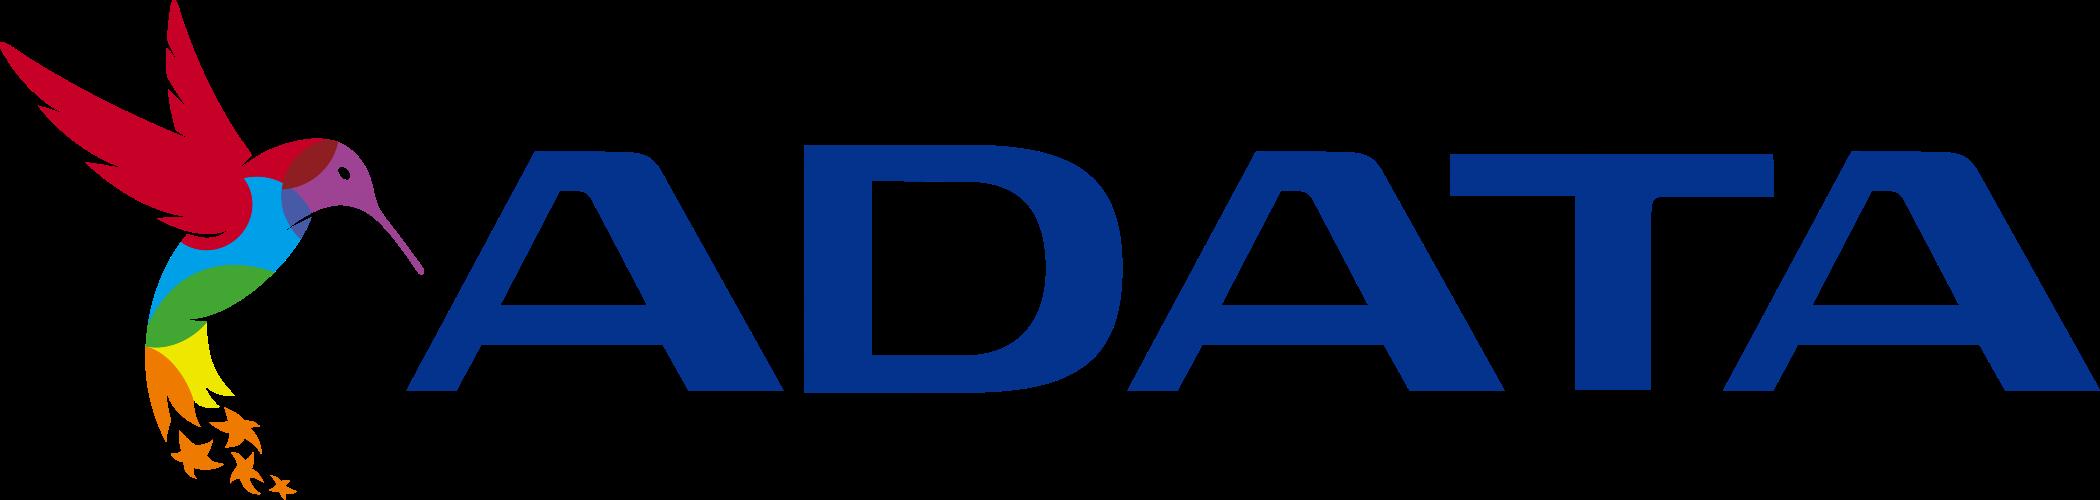 adata logo 2 - ADATA Logo